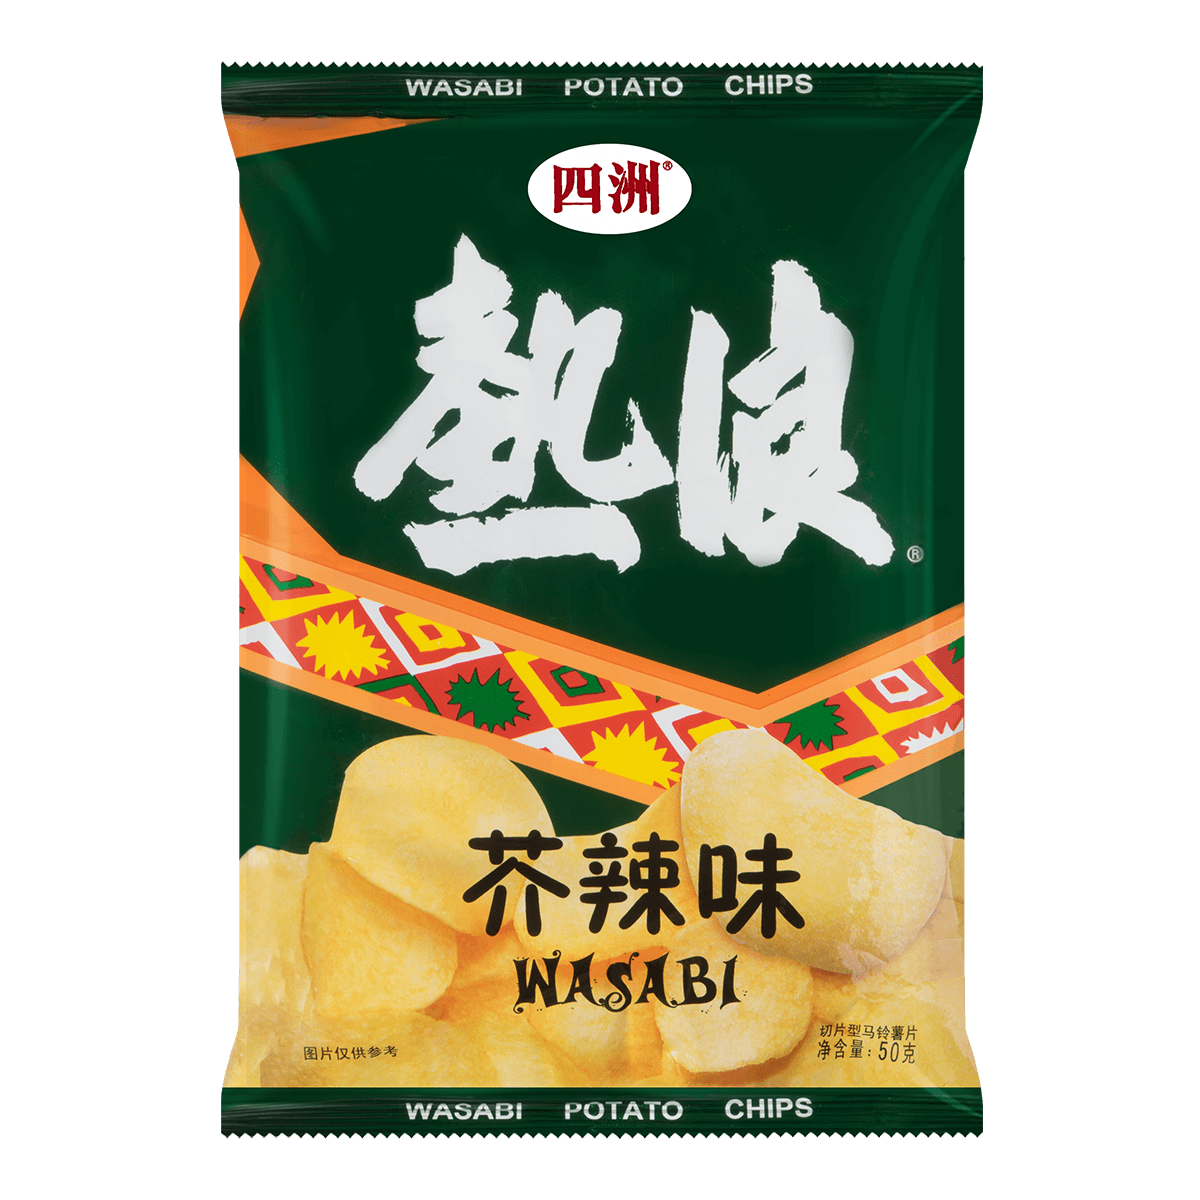 SIZHOU Potato Chips Mustard Flavor 50g